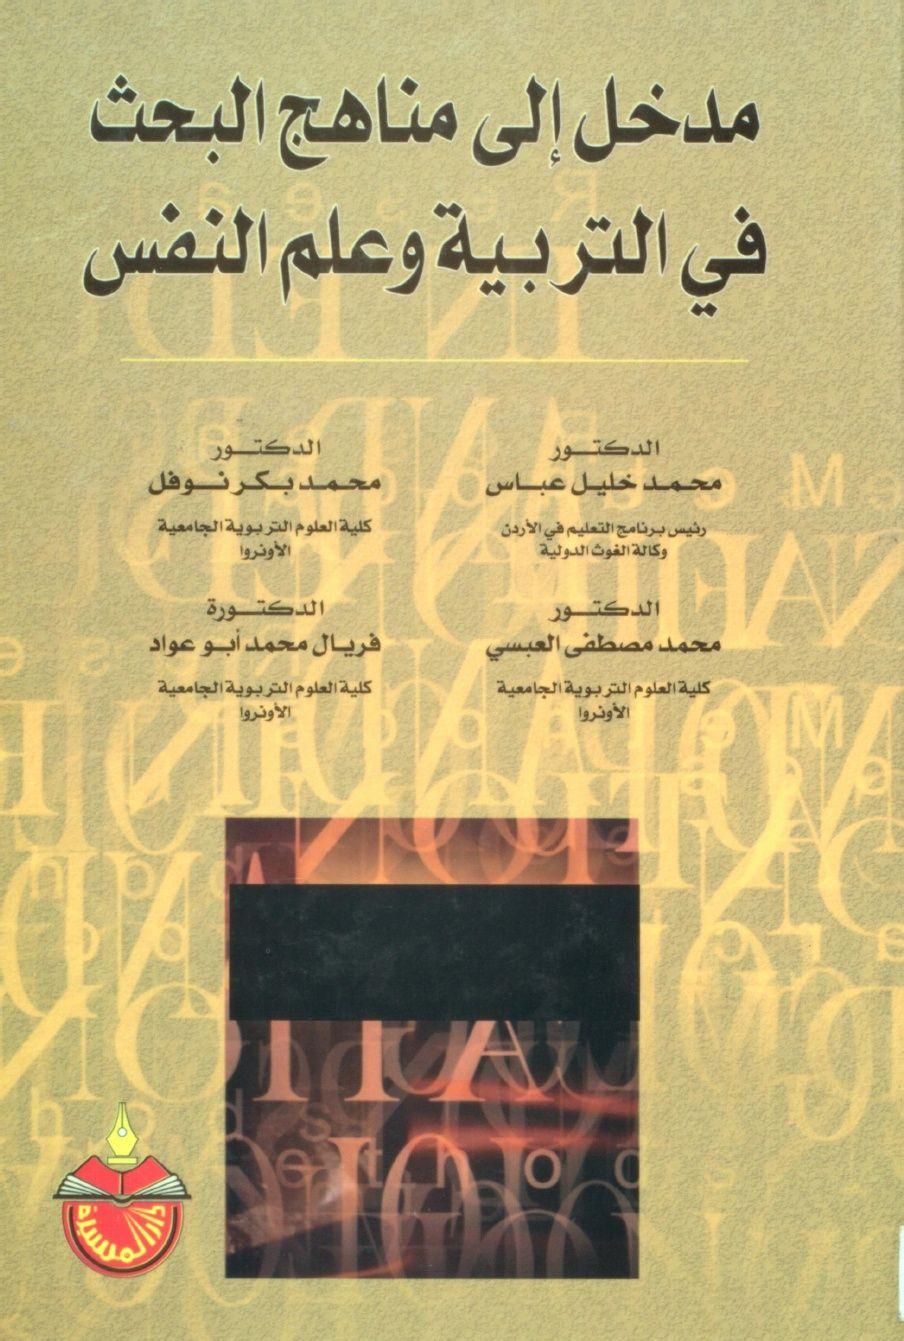 مدخل الى مناهج البحث في التربية و علم النفس Pdf Arabic Books Books Ebook Pdf